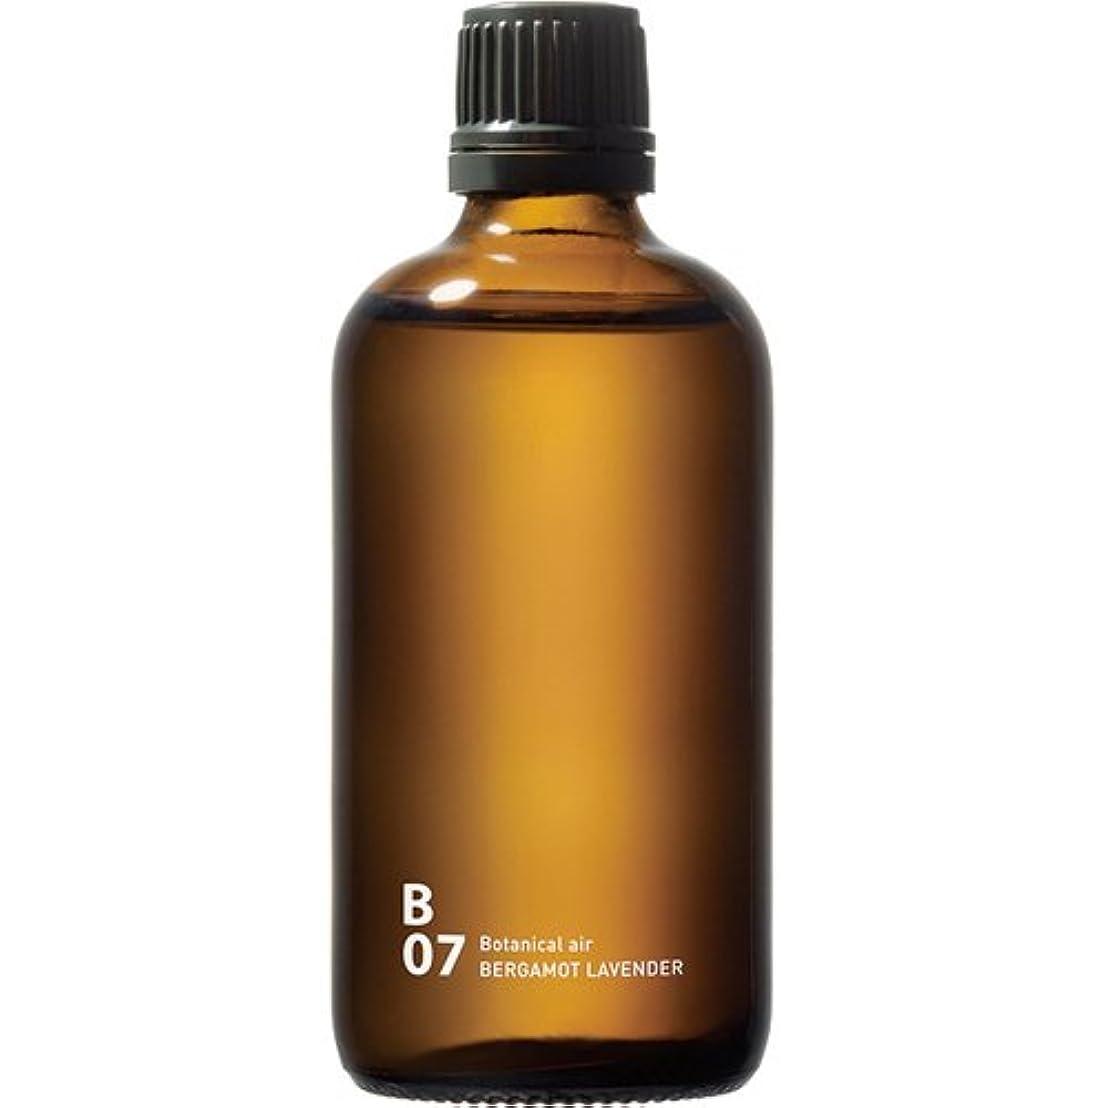 マリンぬいぐるみシネウィB07 BERGAMOT LAVENDER piezo aroma oil 100ml